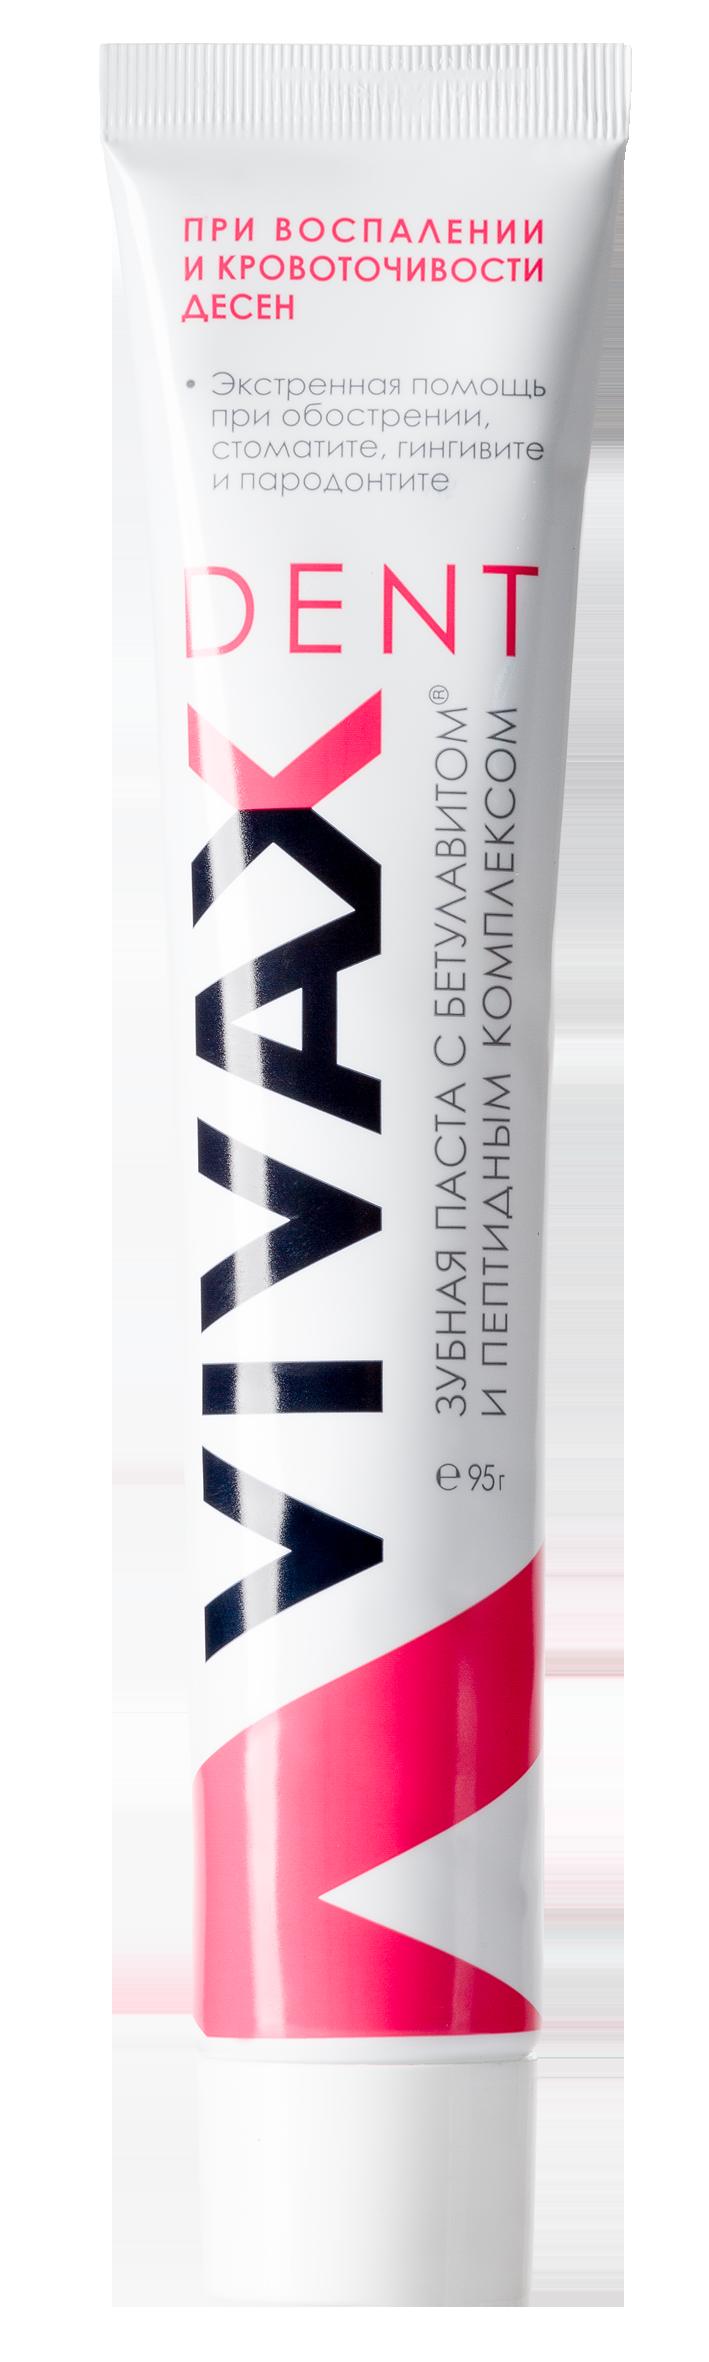 VIVAX Паста зубная с Бетулавитом / VIVAX Dent 95 мл - Особые средства